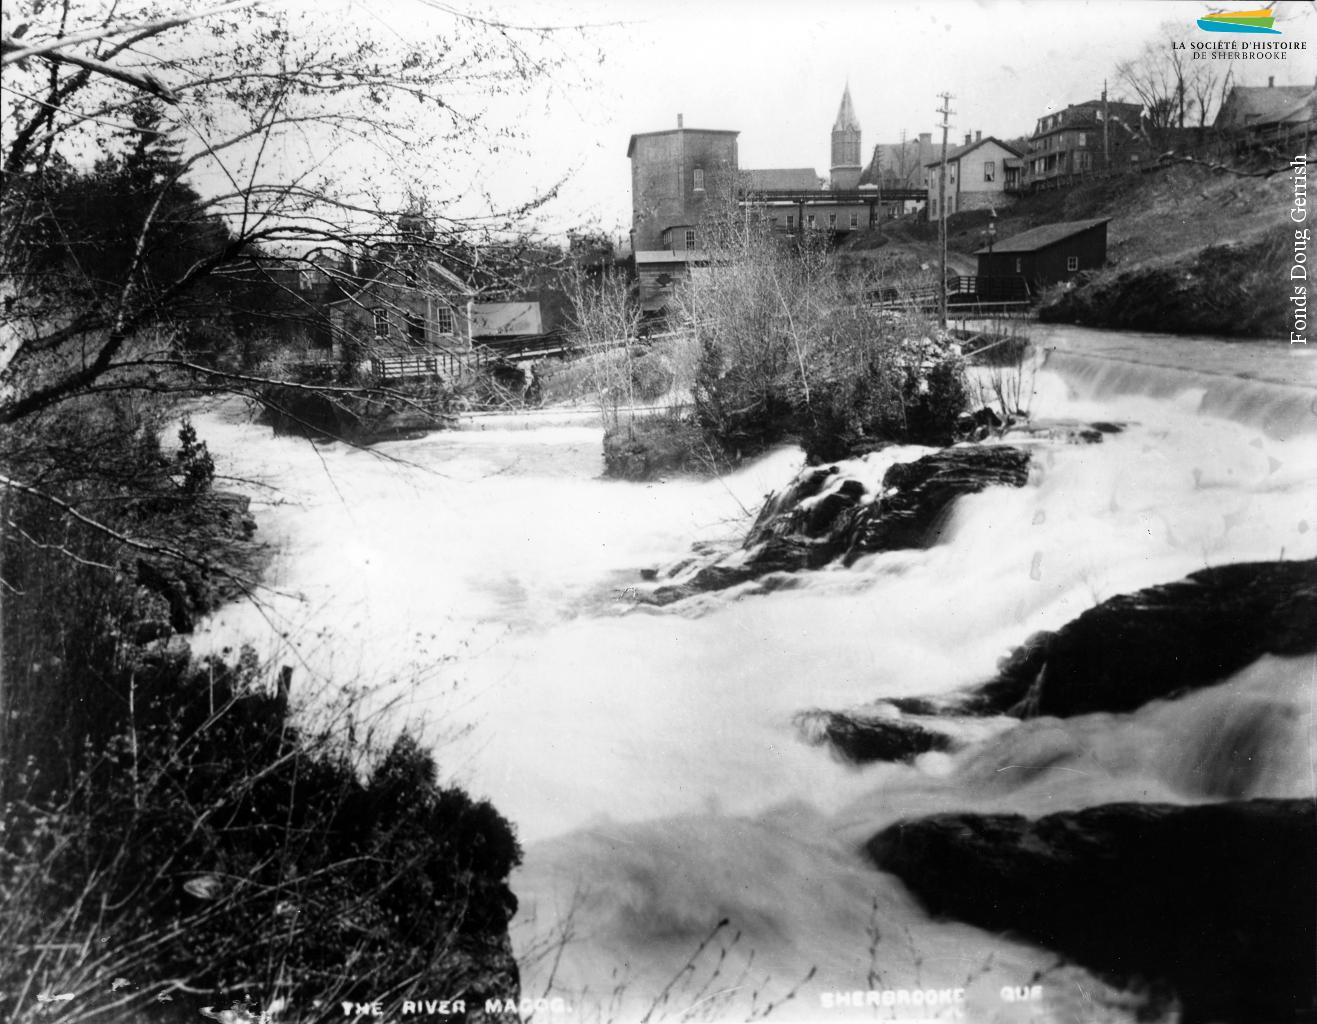 La rivière Magog et la centrale Frontenac (le bâtiment à gauche), vers 1896. Le barrage no 3, hors champs, sert à approvisionner en eau les moulins et manufactures situés à proximité. Il est converti en 1888 pour produire de l'électricité, une source d'énergie adoptée progressivement par les manufactures de Sherbrooke. L'eau sert encore de source d'énergie pendant quelques décennies.